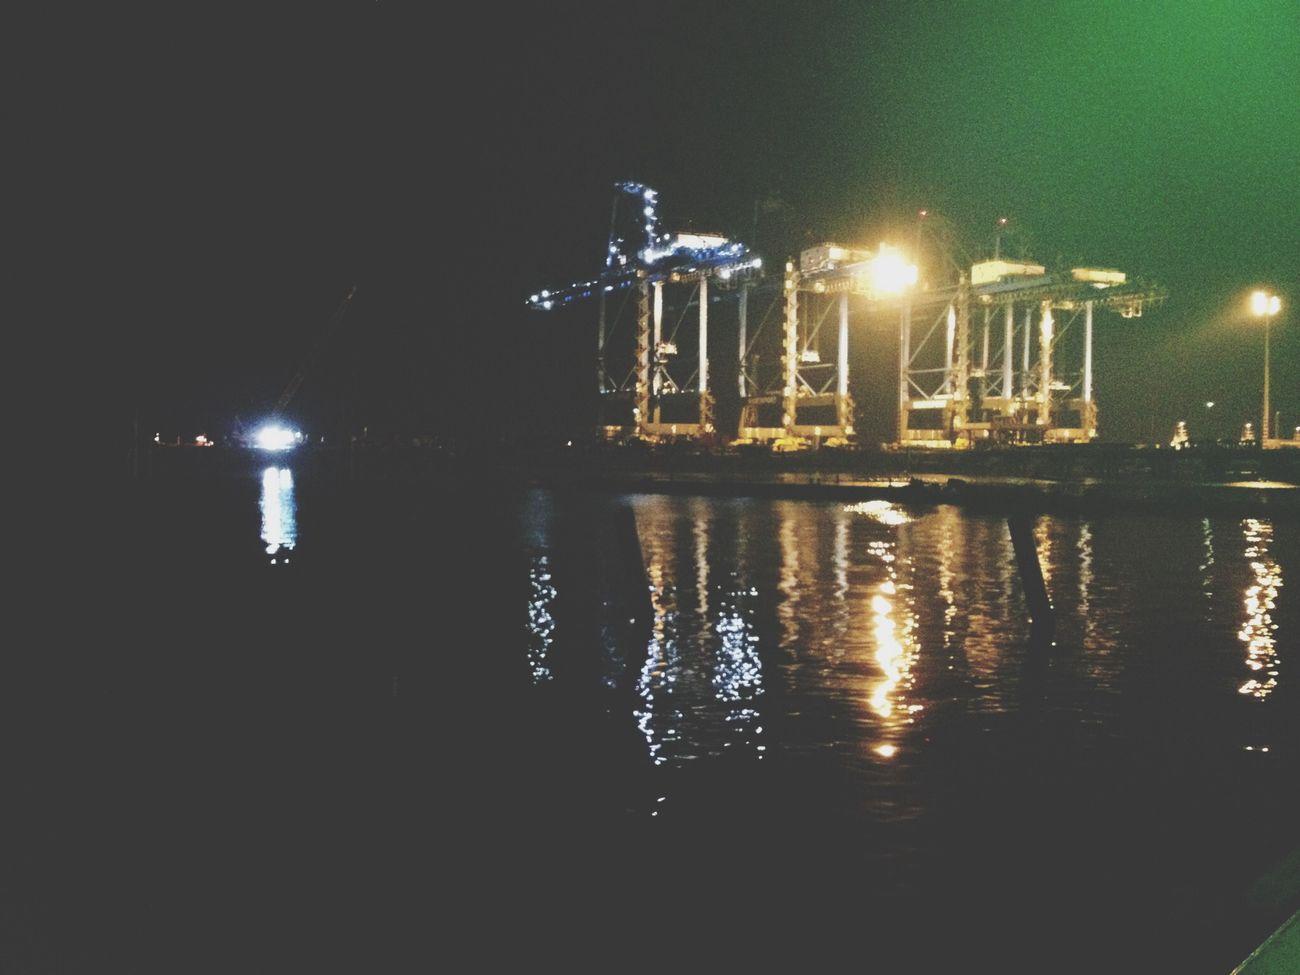 Port Klang Port Port Klang Night